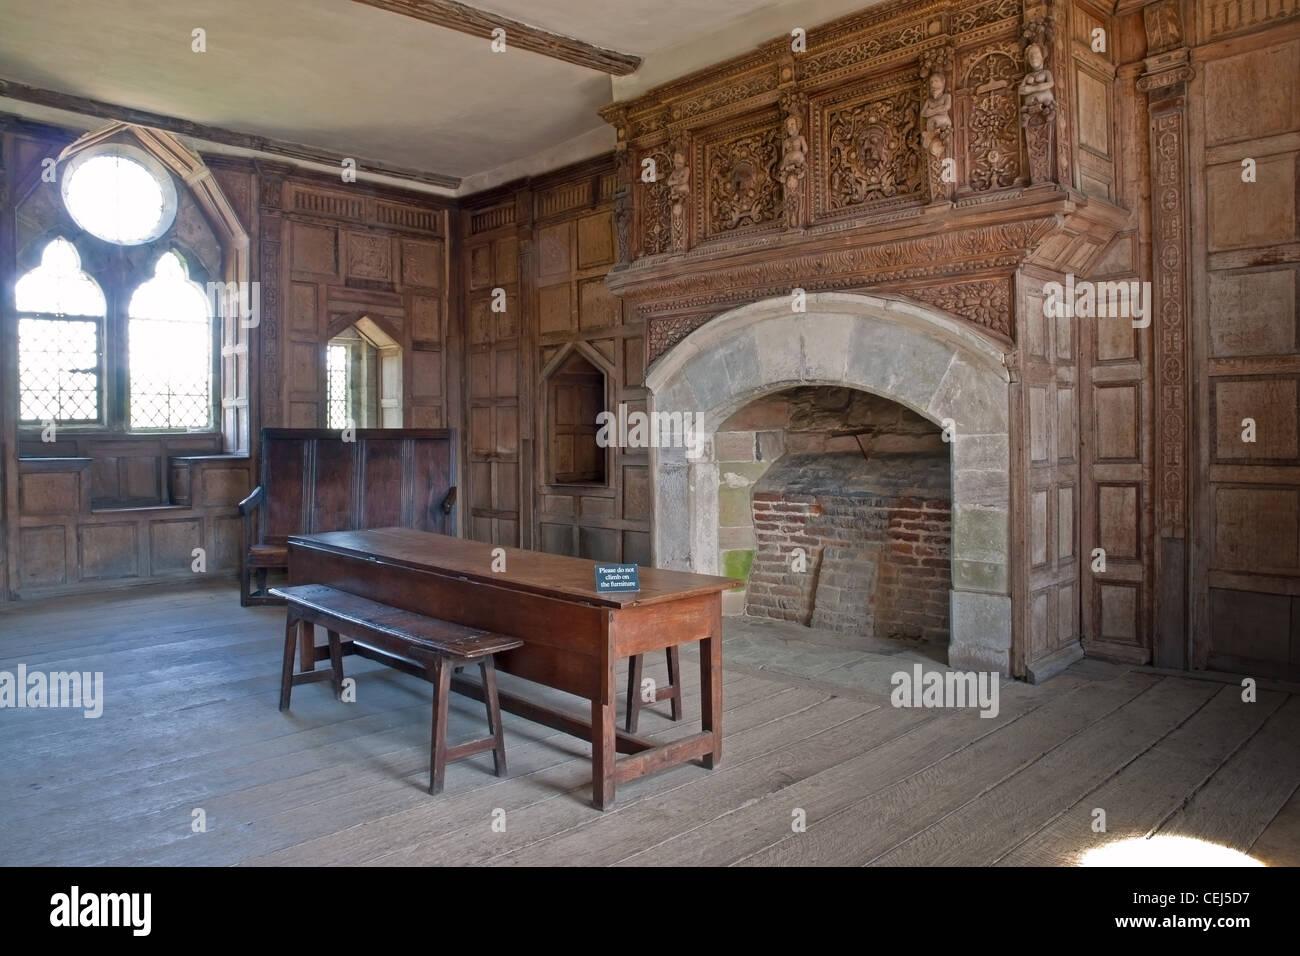 Interior de una habitación en Stokesay Castle, una mansión fortificada en Stokesay, Shropshire, con paneles Imagen De Stock